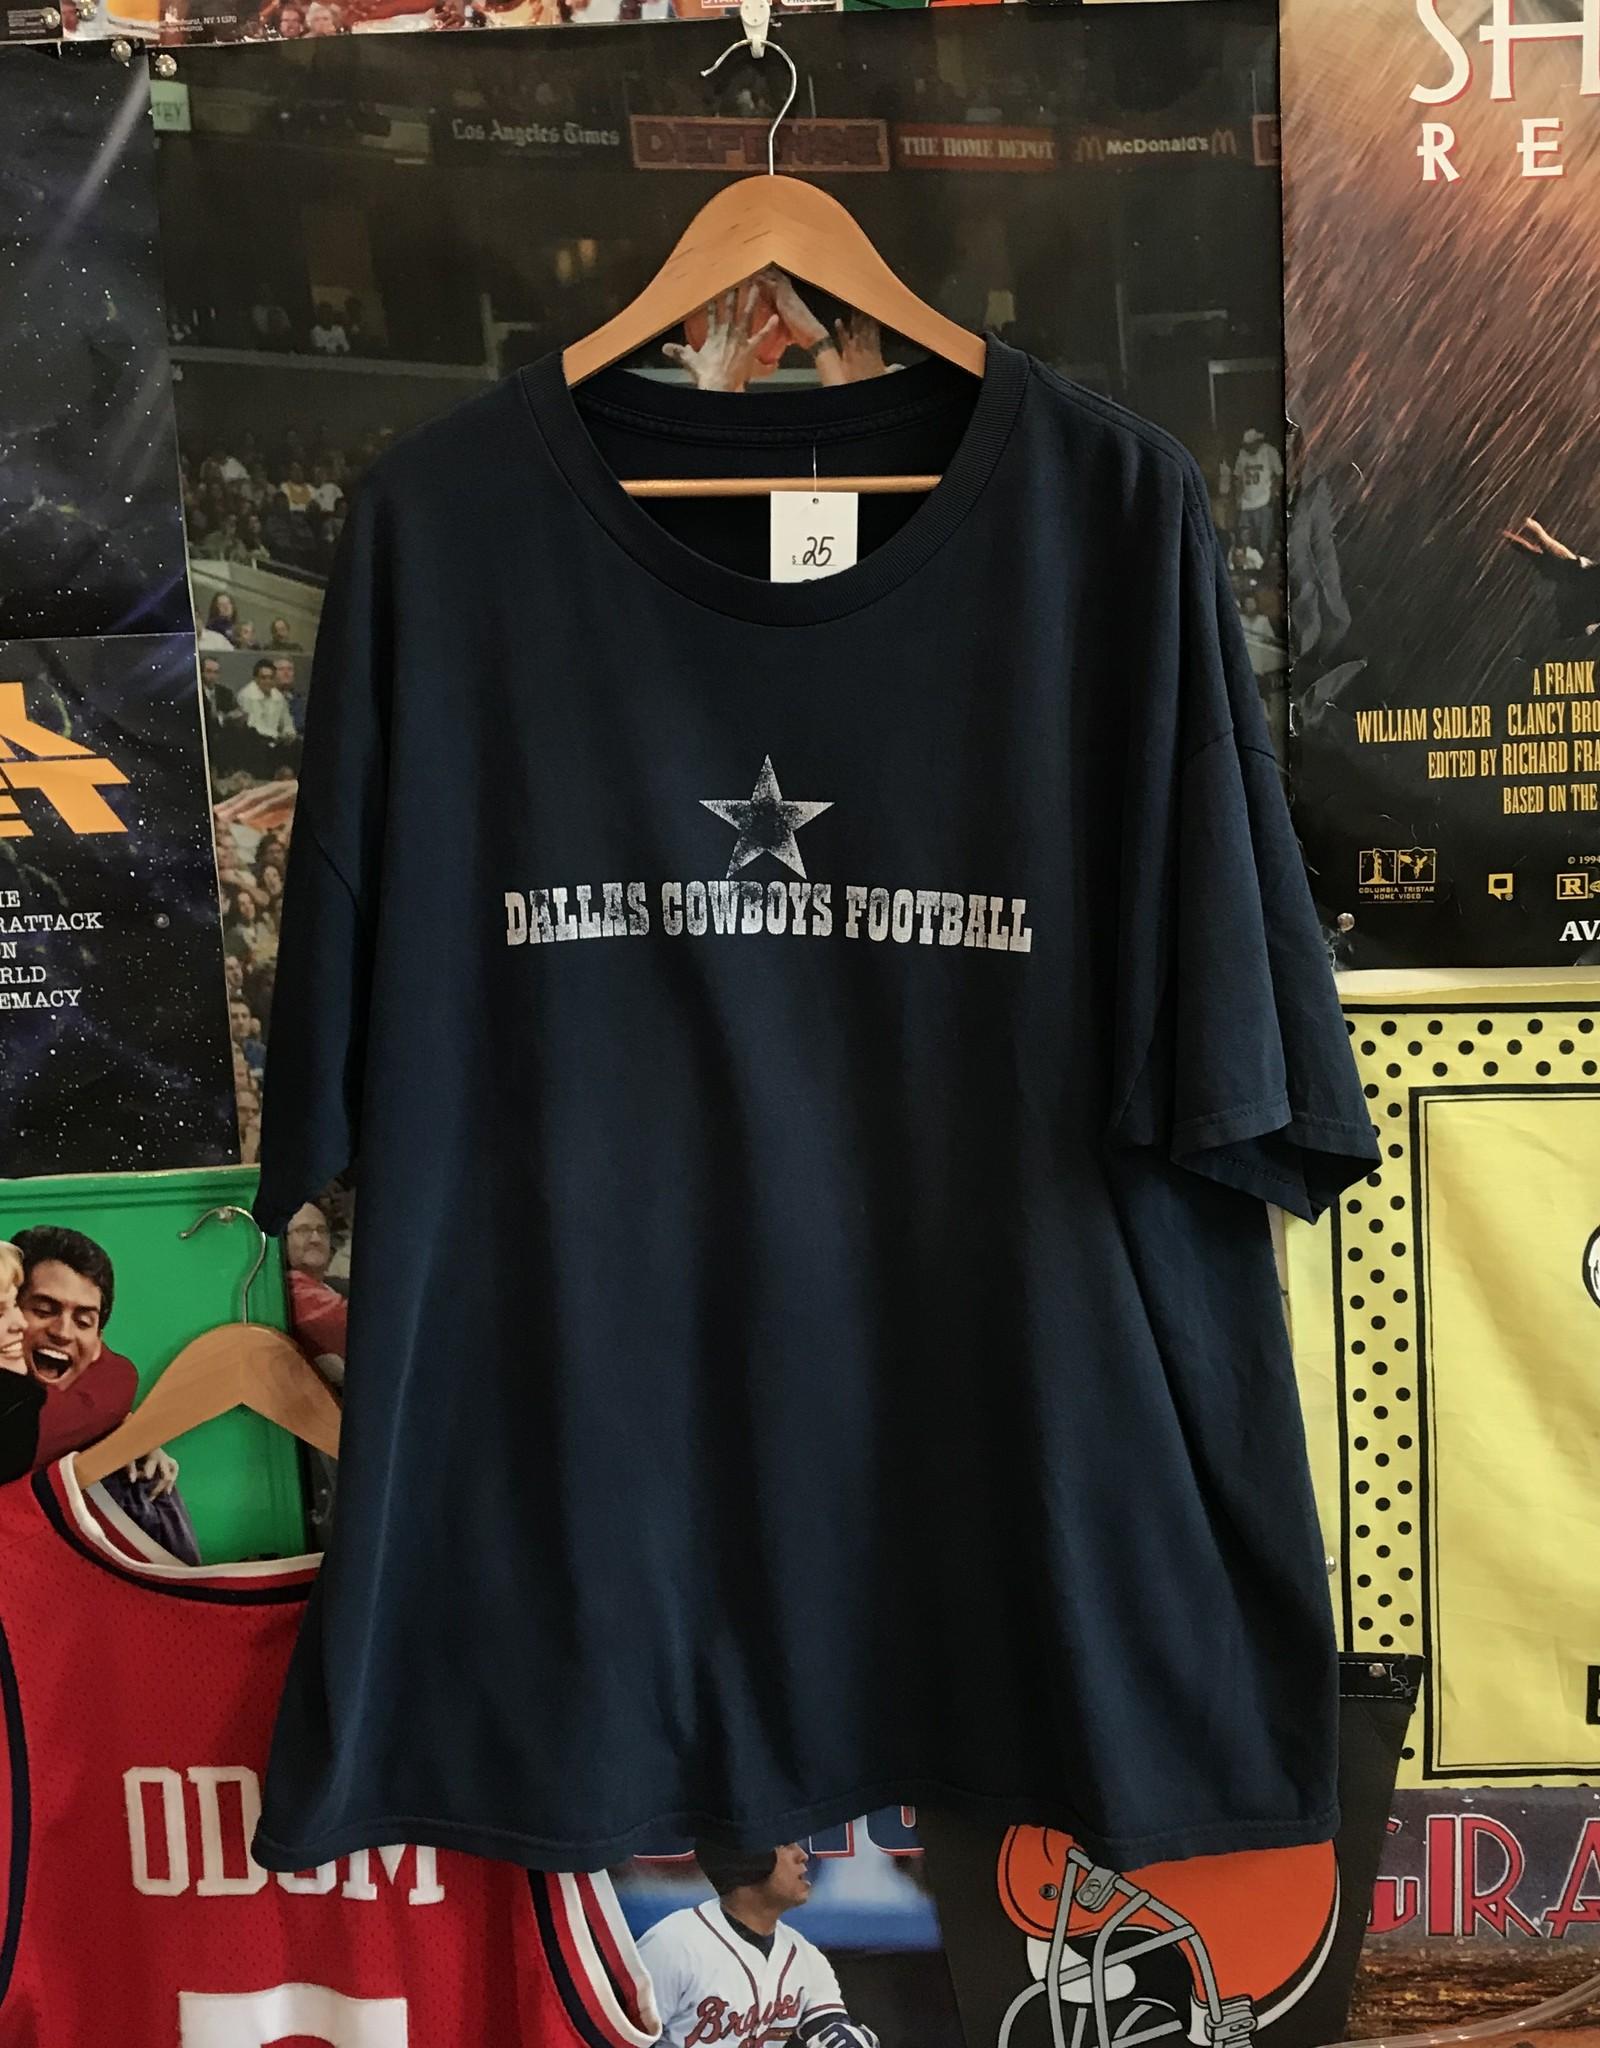 3161cowboys football tee navy sz XL